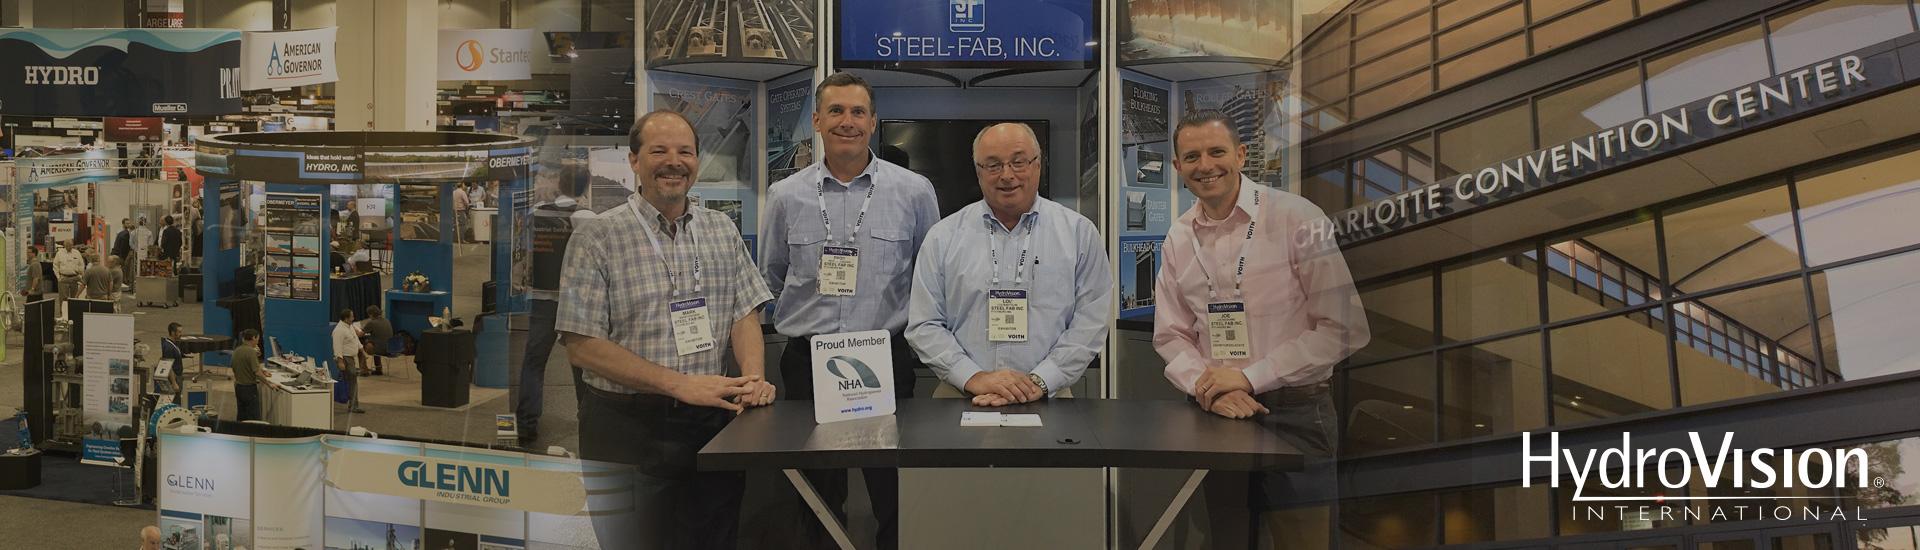 Steel Fab Inc Hydrovision International